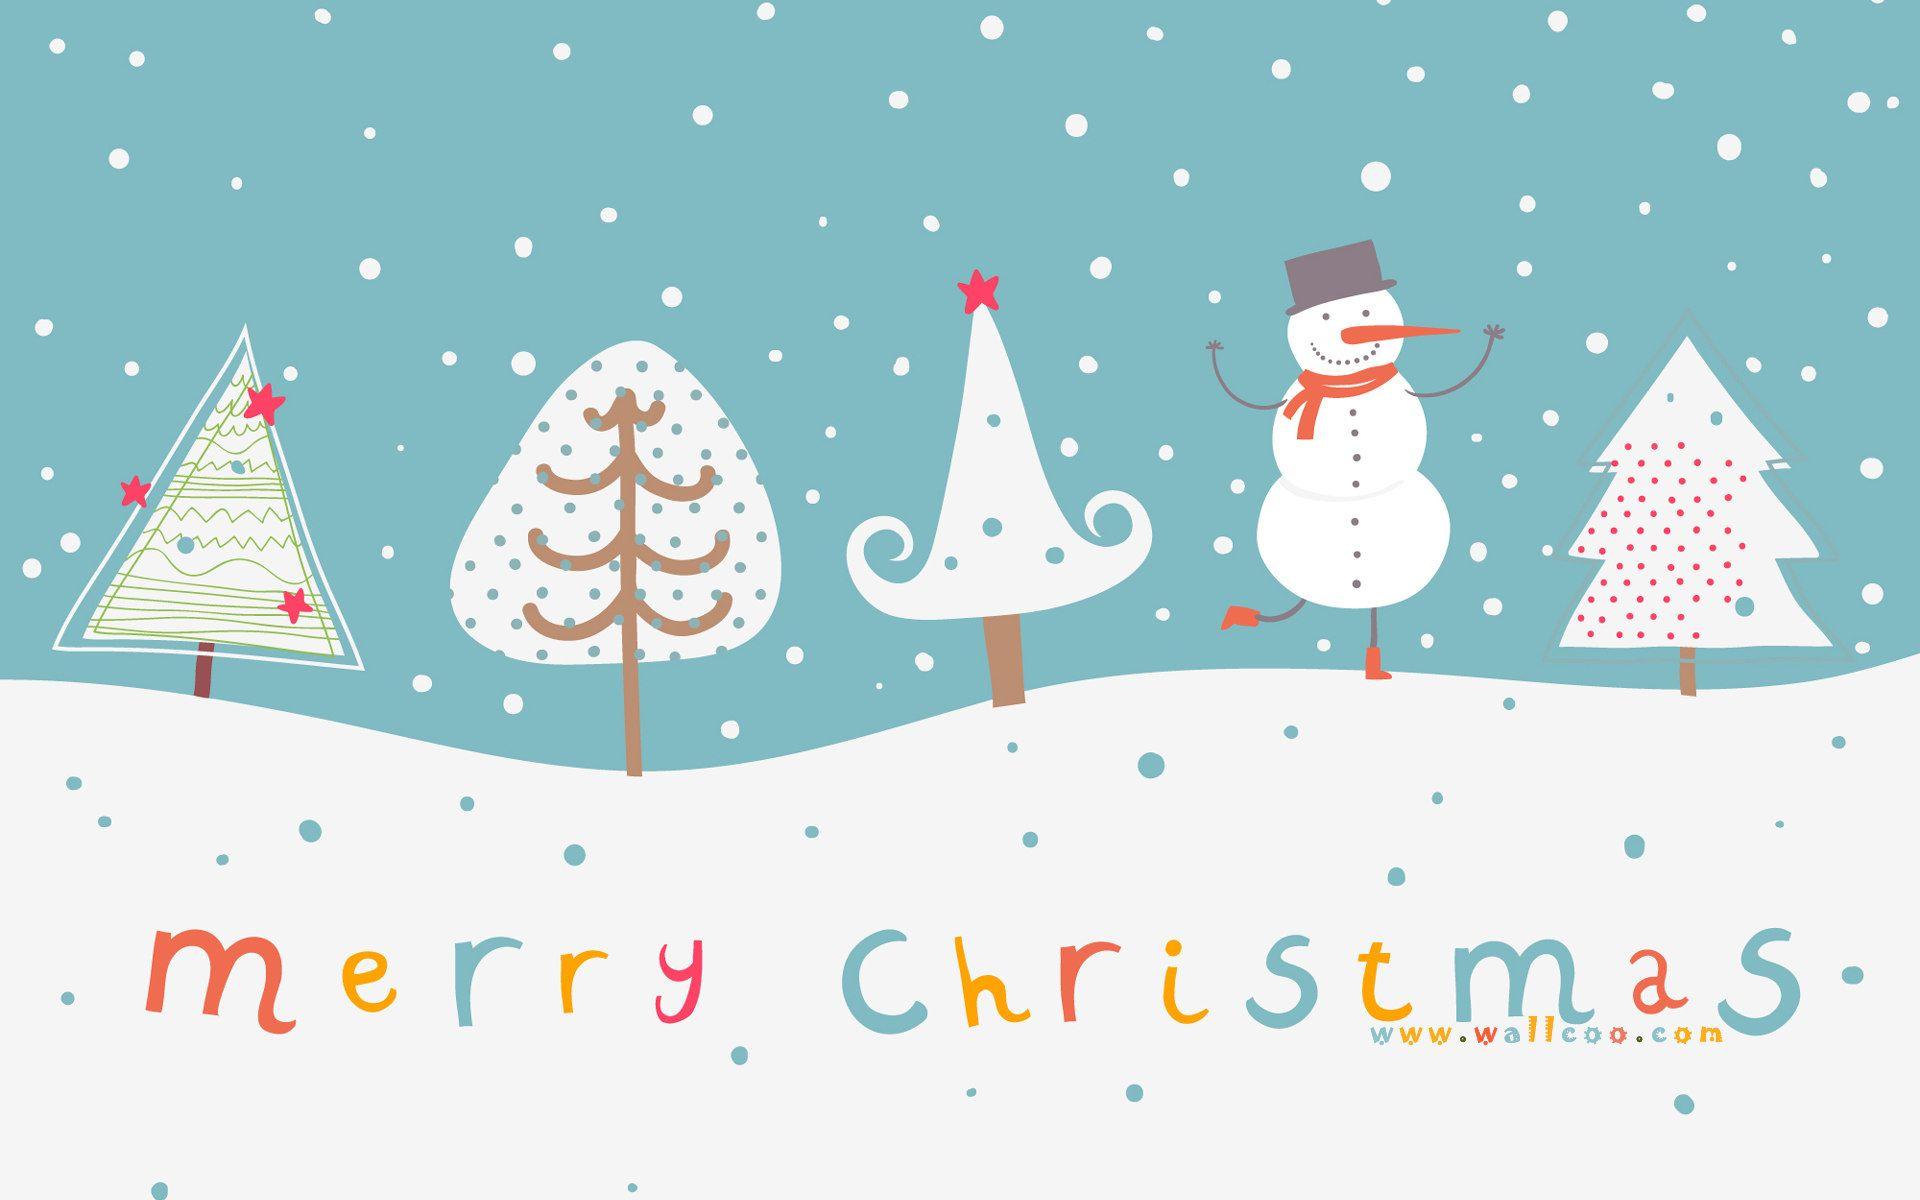 HD Widescreen Christmas art christmas design and